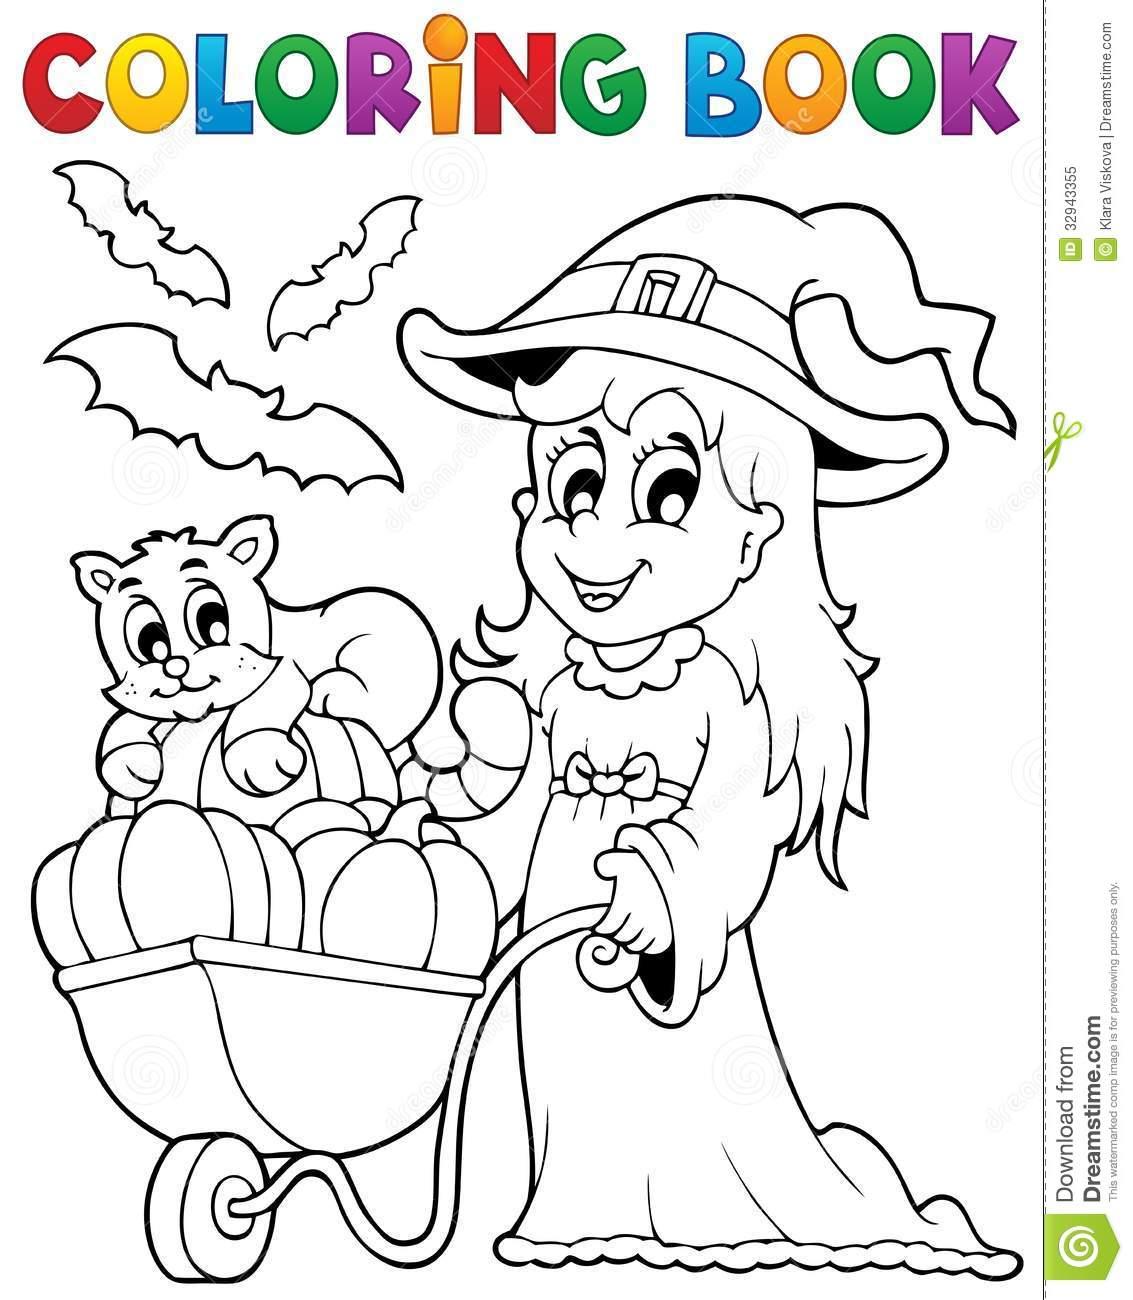 Imagem 2 De Dia Das Bruxas Do Livro Para Colorir Foto De Stock